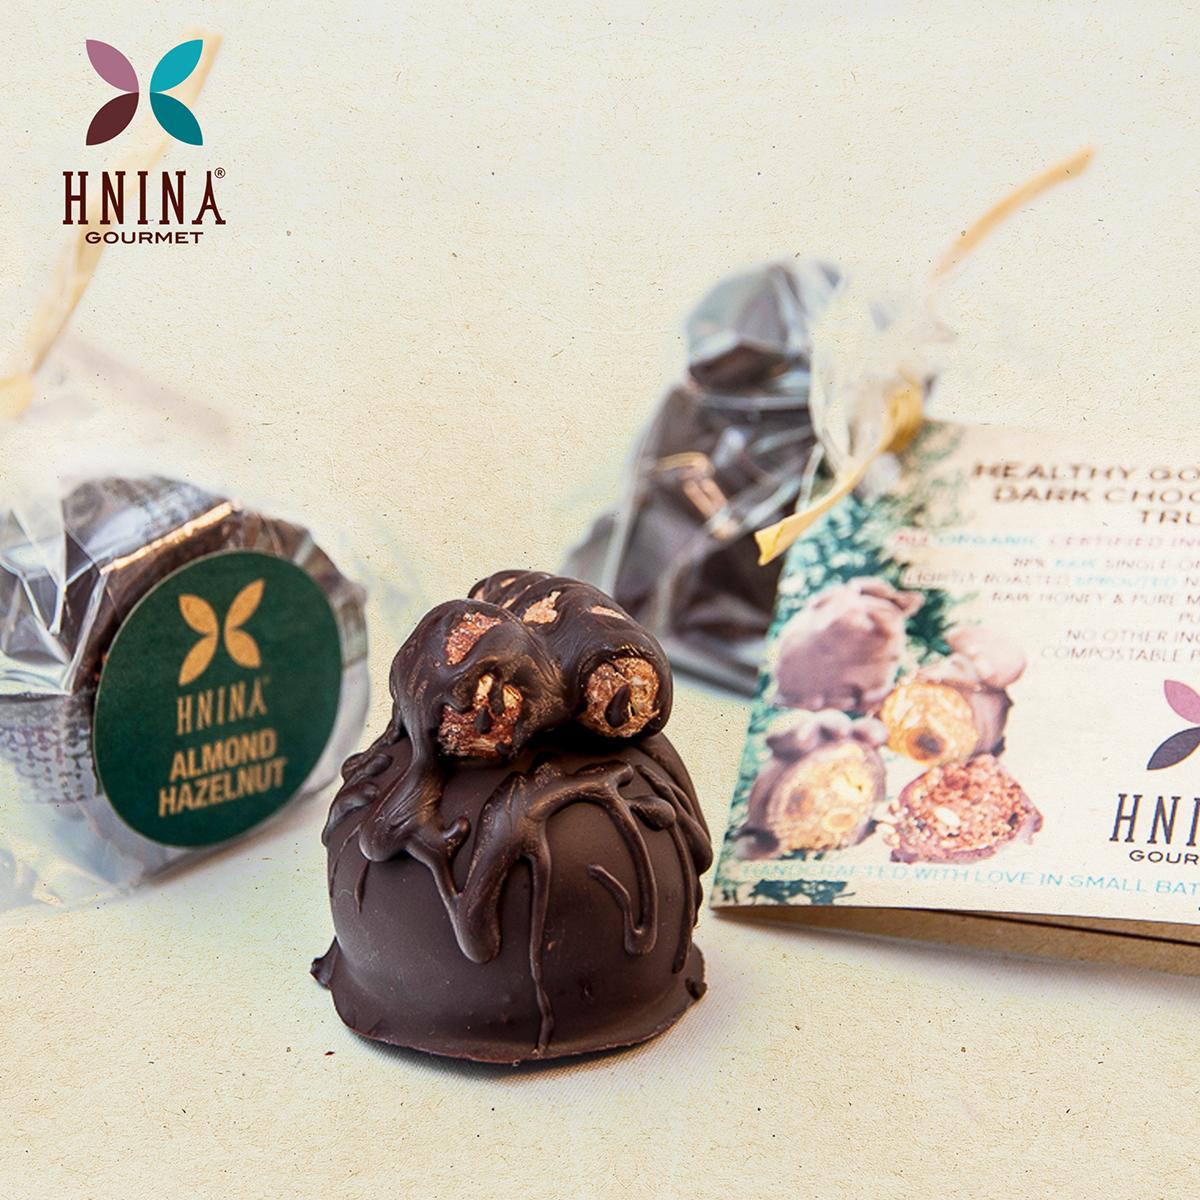 Hnina Gourment Labels